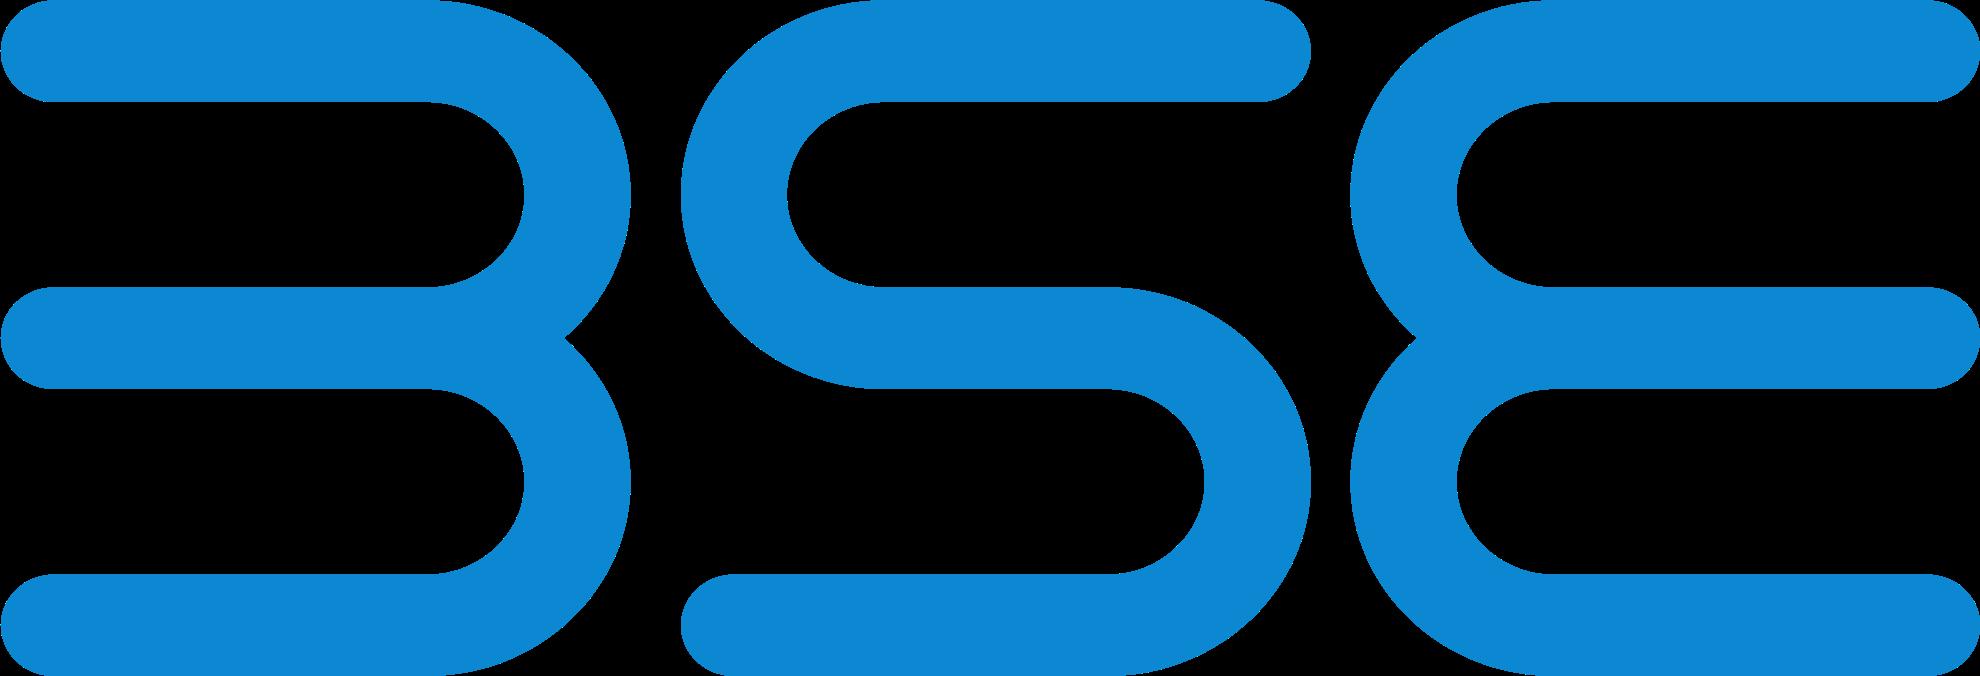 Bombay Stock Exchange (BSE) Icon Logo